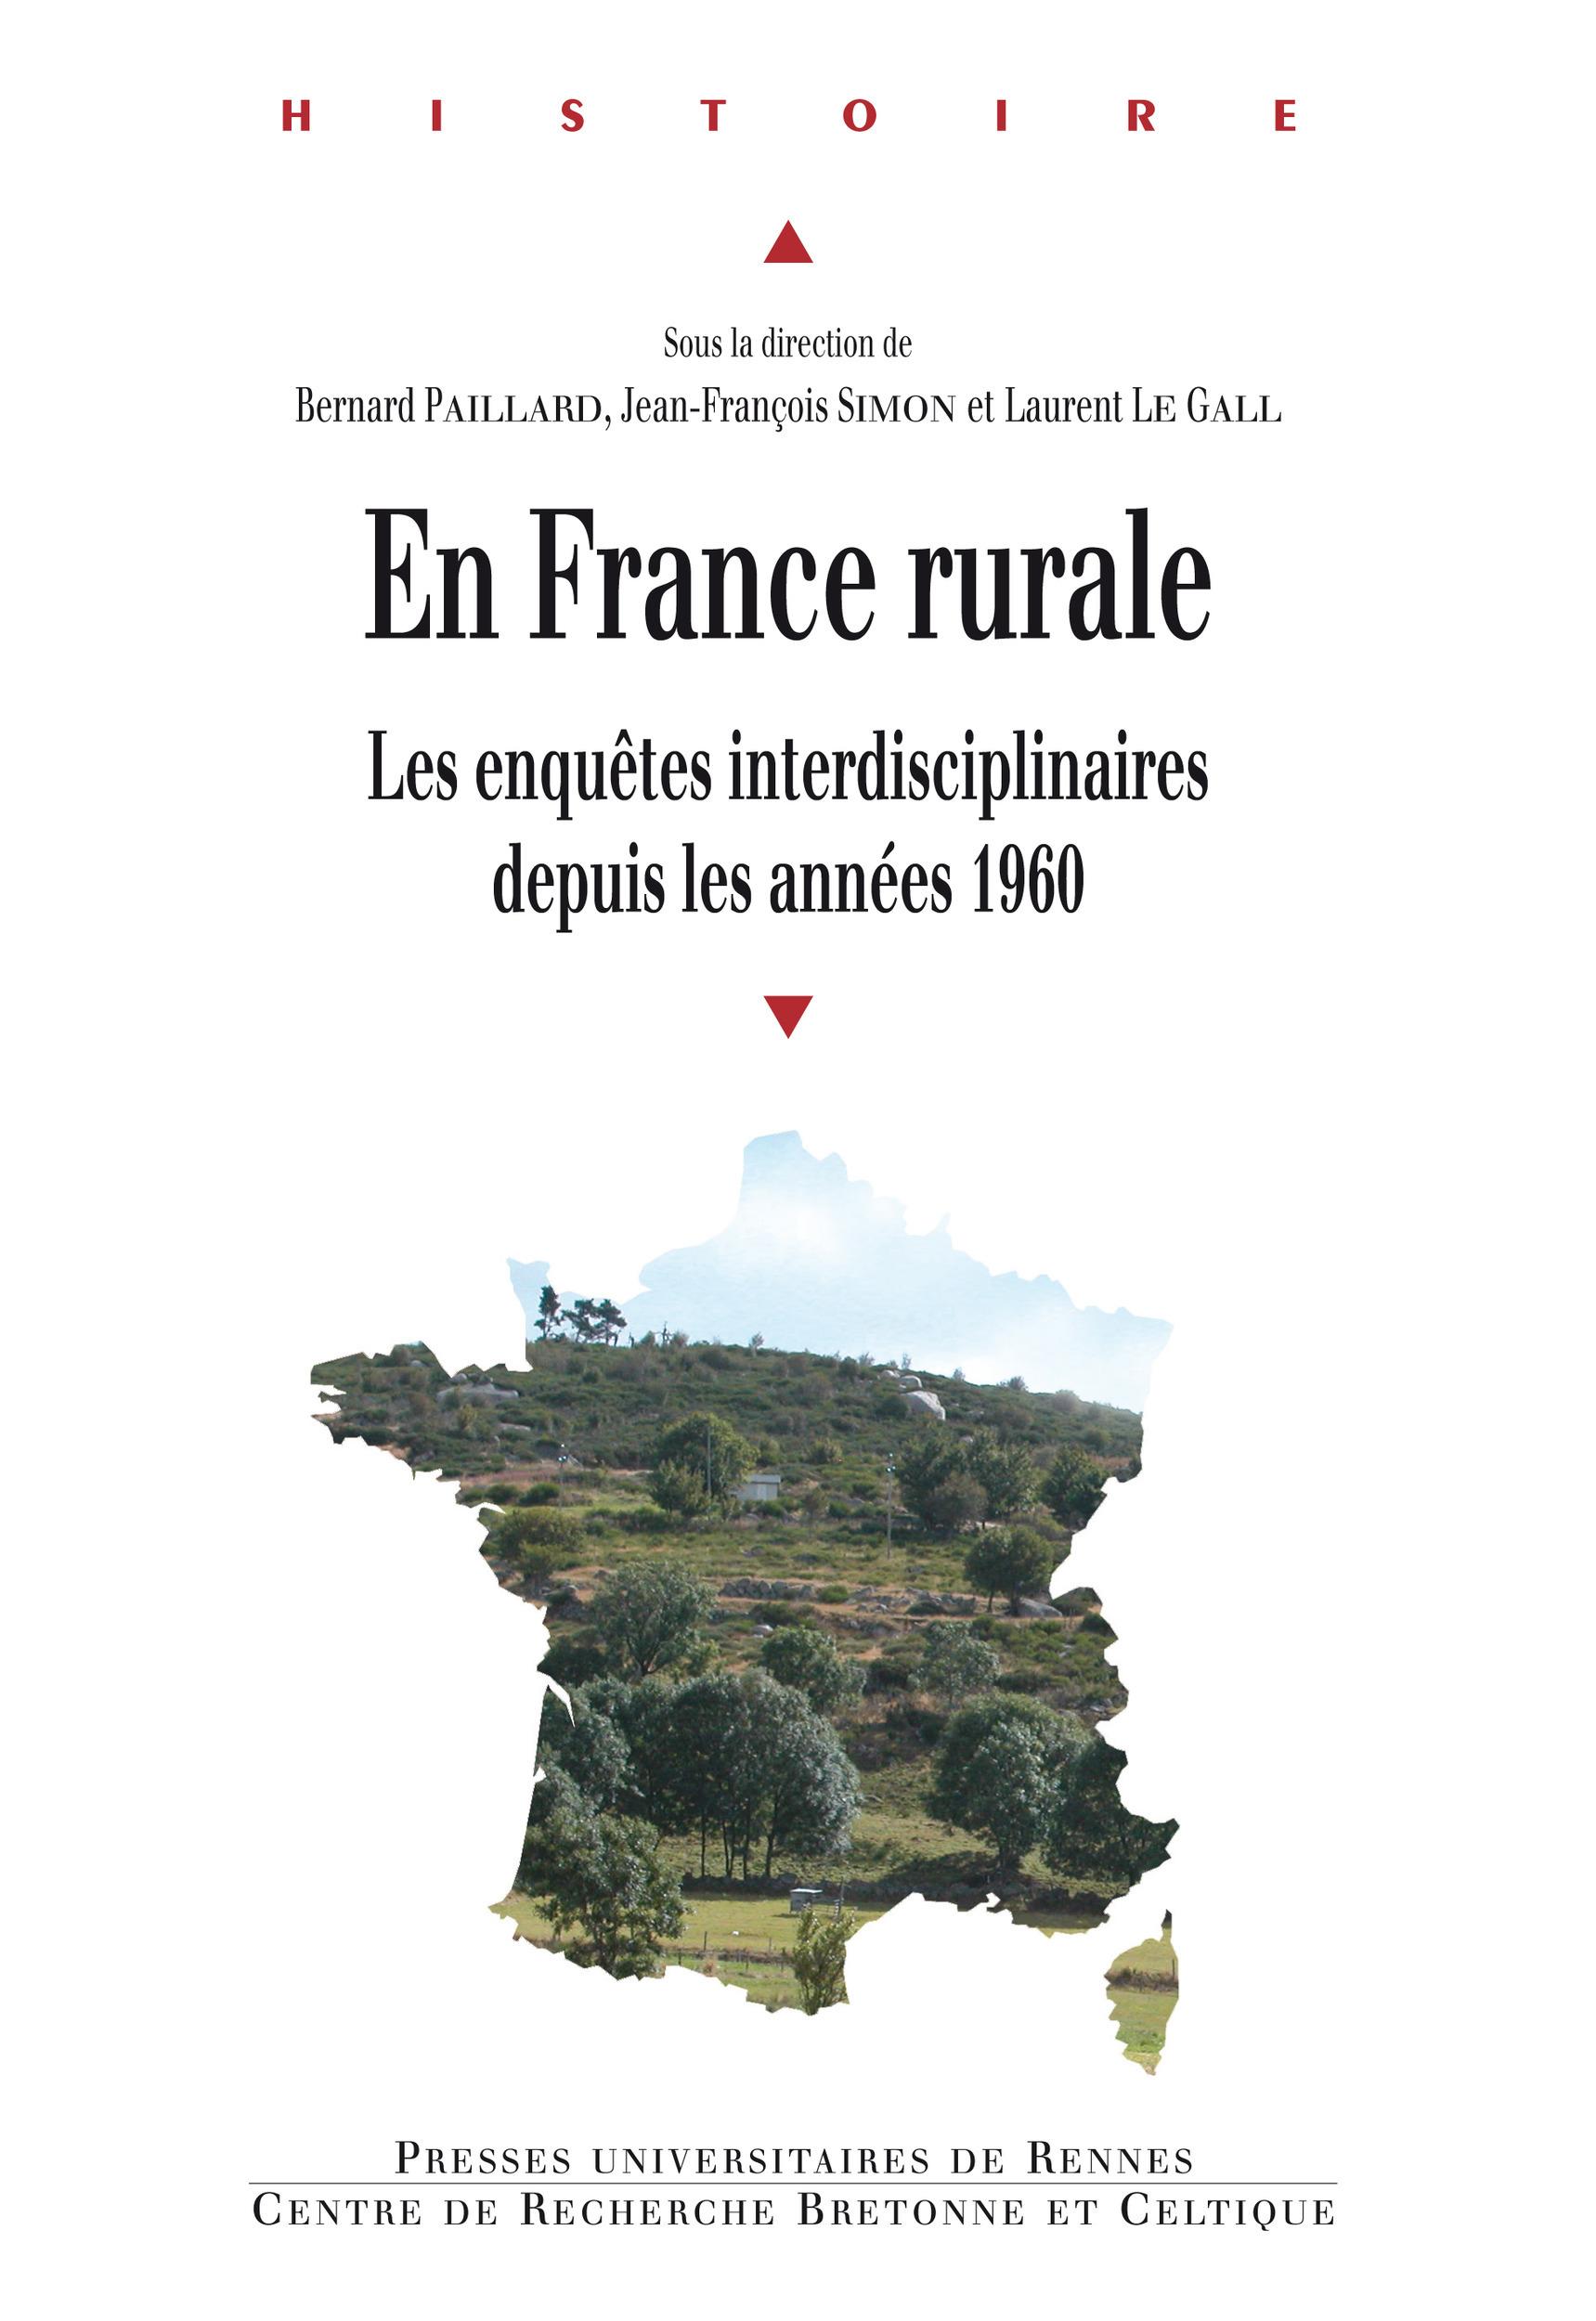 En France rurale  - Bernard Paillard  - Laurent Le gall  - Jean-François Simon